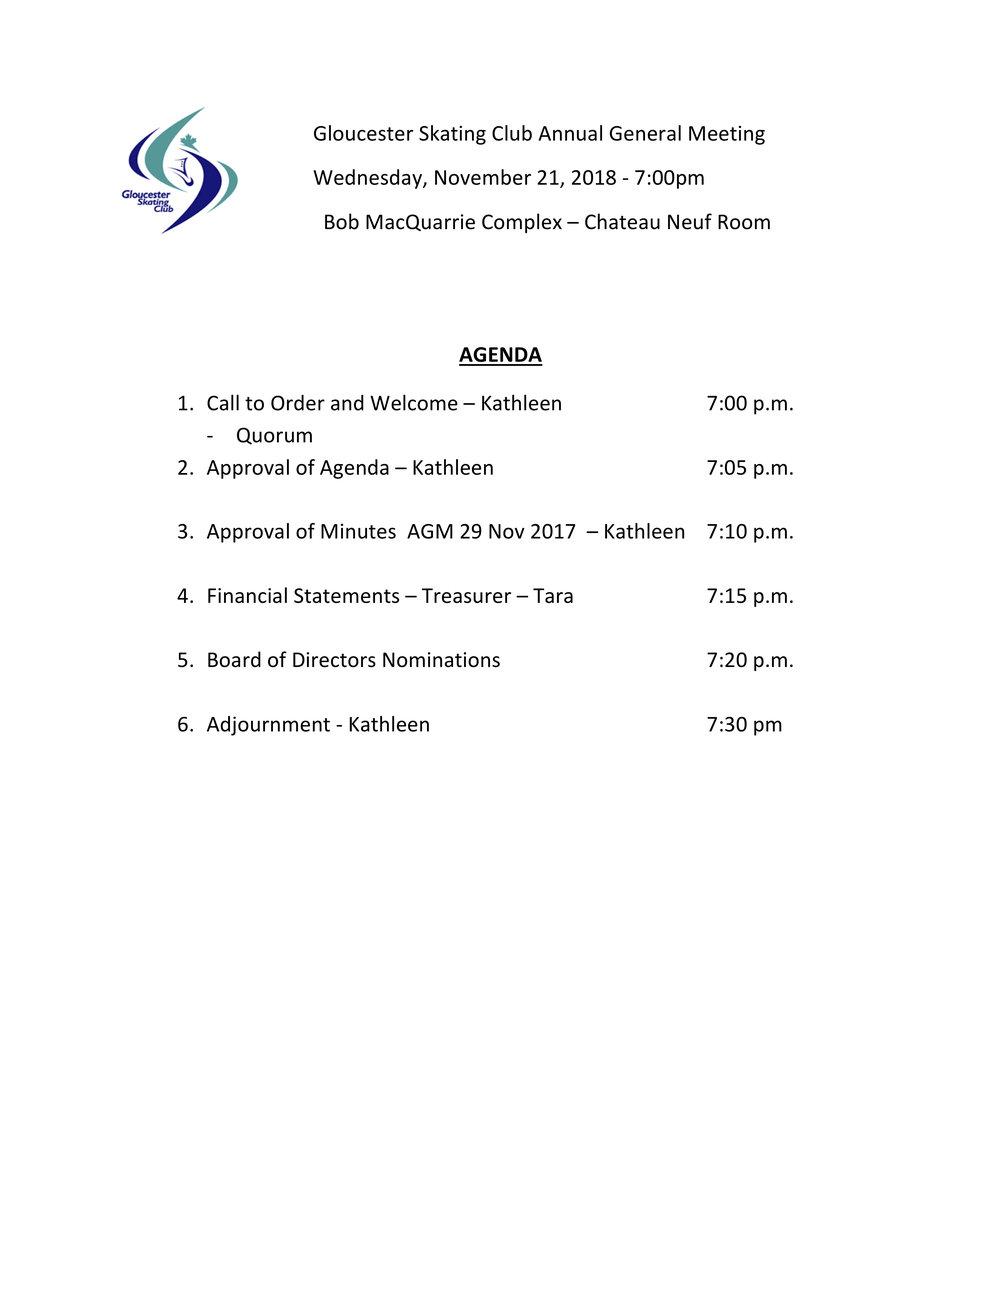 GSC AGM Agenda 21 November 2018.jpg